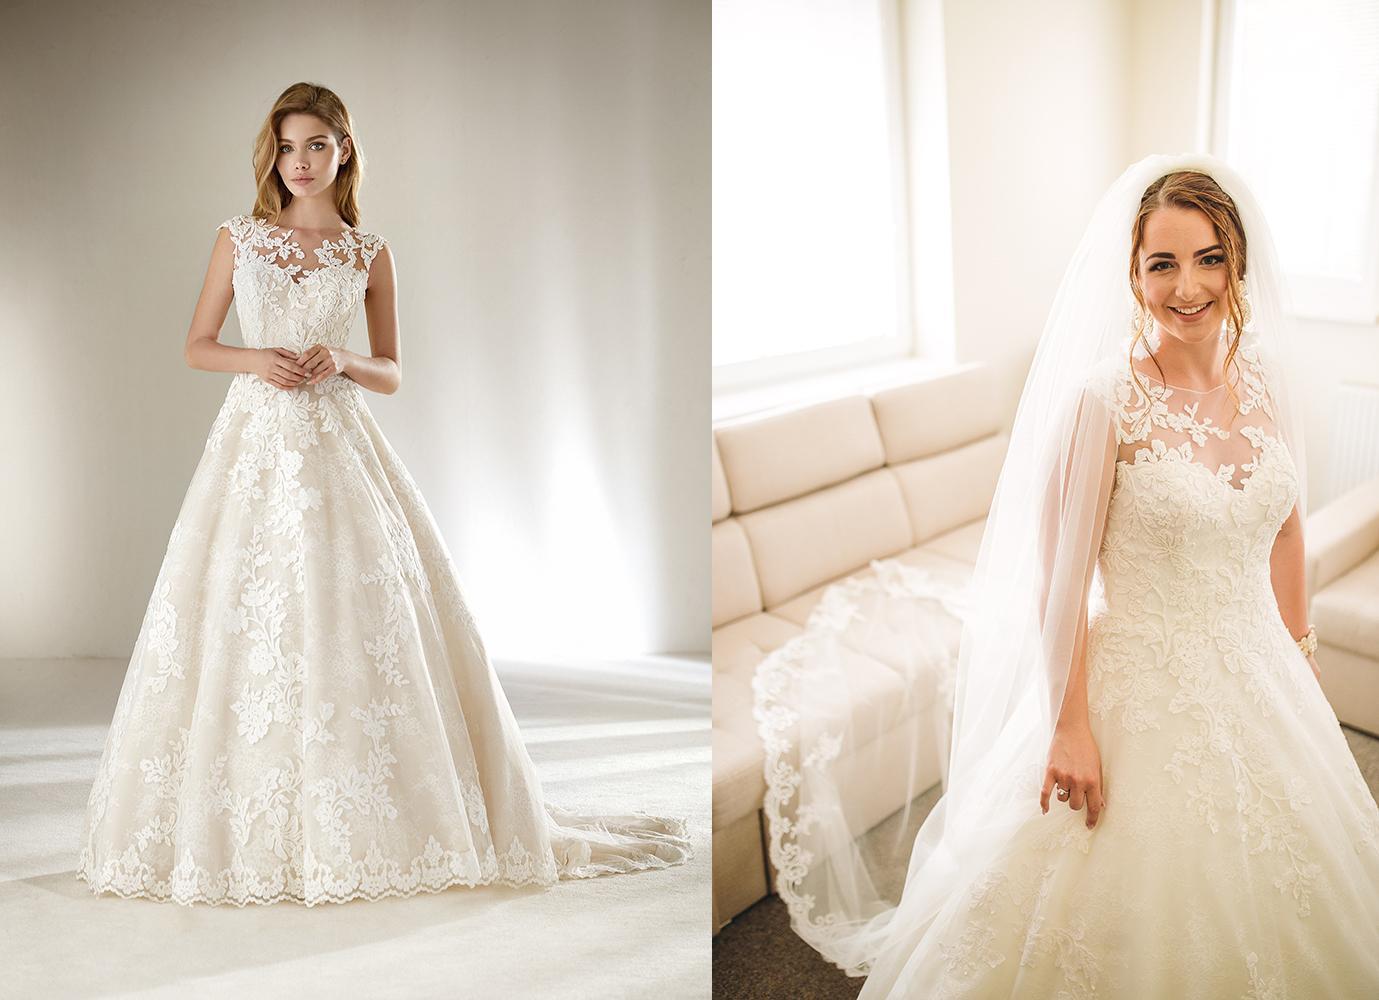 Svadobné šaty na modelke a na reálnej neveste - Nevesta @nikushqa_rk a jej svadobné šaty Pronovias Dracme zo svadobného salónu Nicole Zvolen.